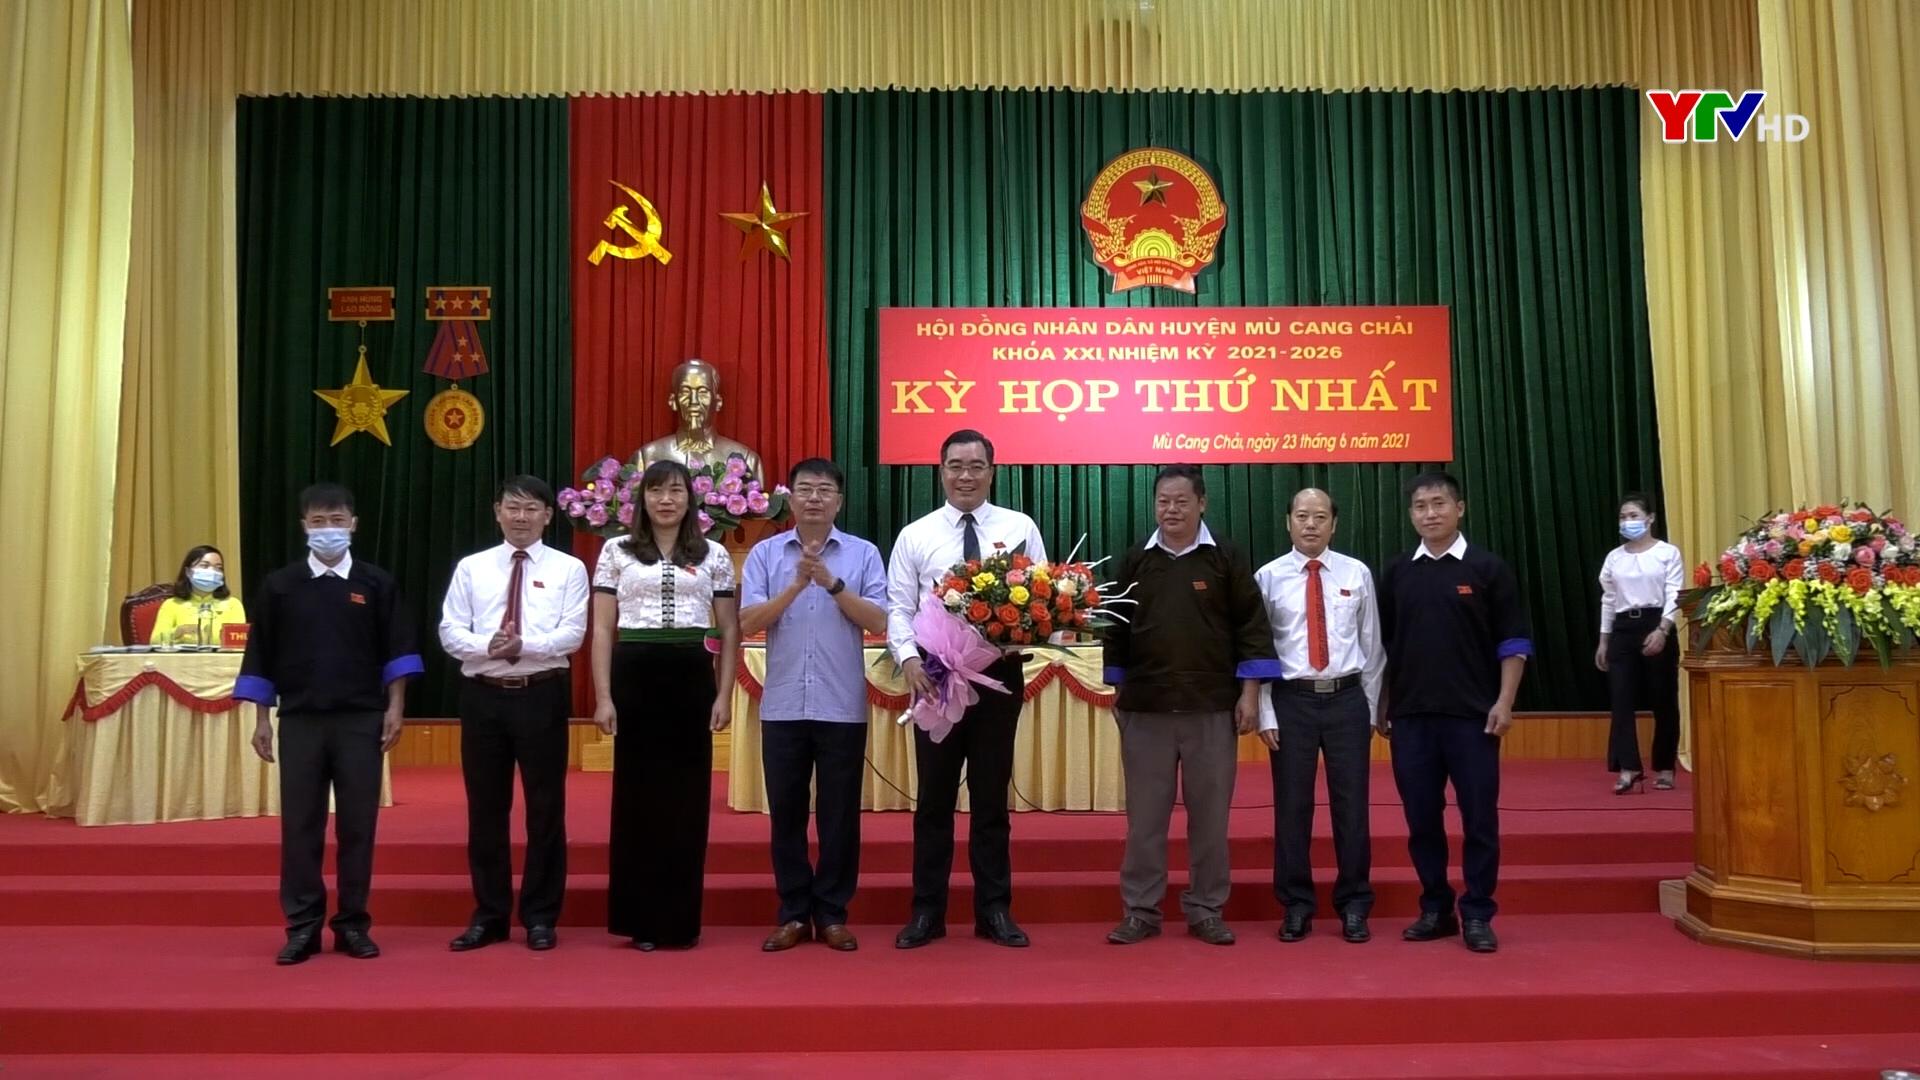 Kỳ họp thứ 1 - HĐND huyện Mù Cang Chải khóa XIX, nhiệm kỳ 2021 - 2026